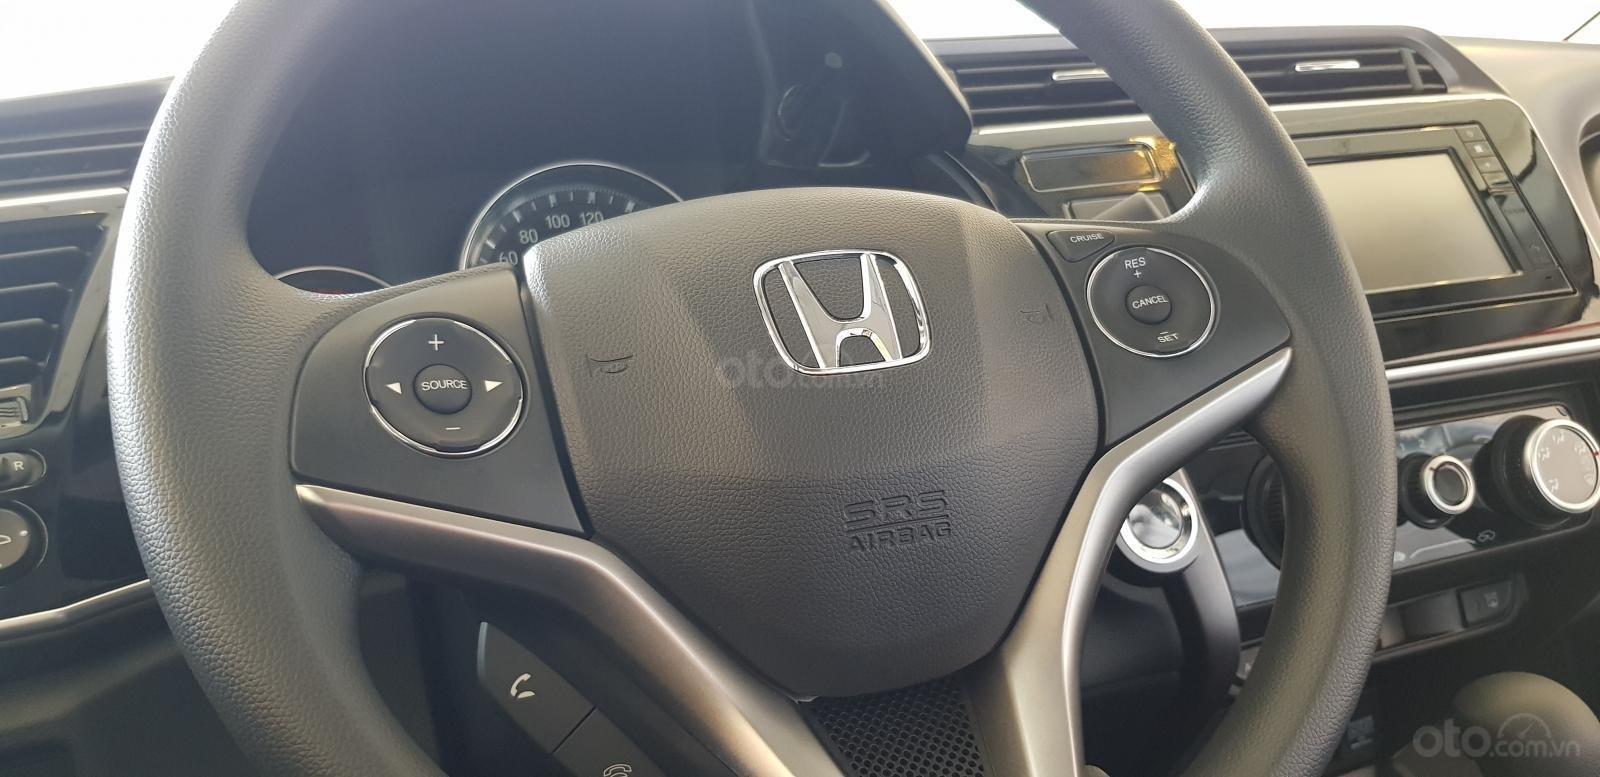 [Honda ô tô Hải Phòng] Bán xe Honda City 1.5 CVT - Giá tốt nhất - Hotline: 094.964.1093 (8)